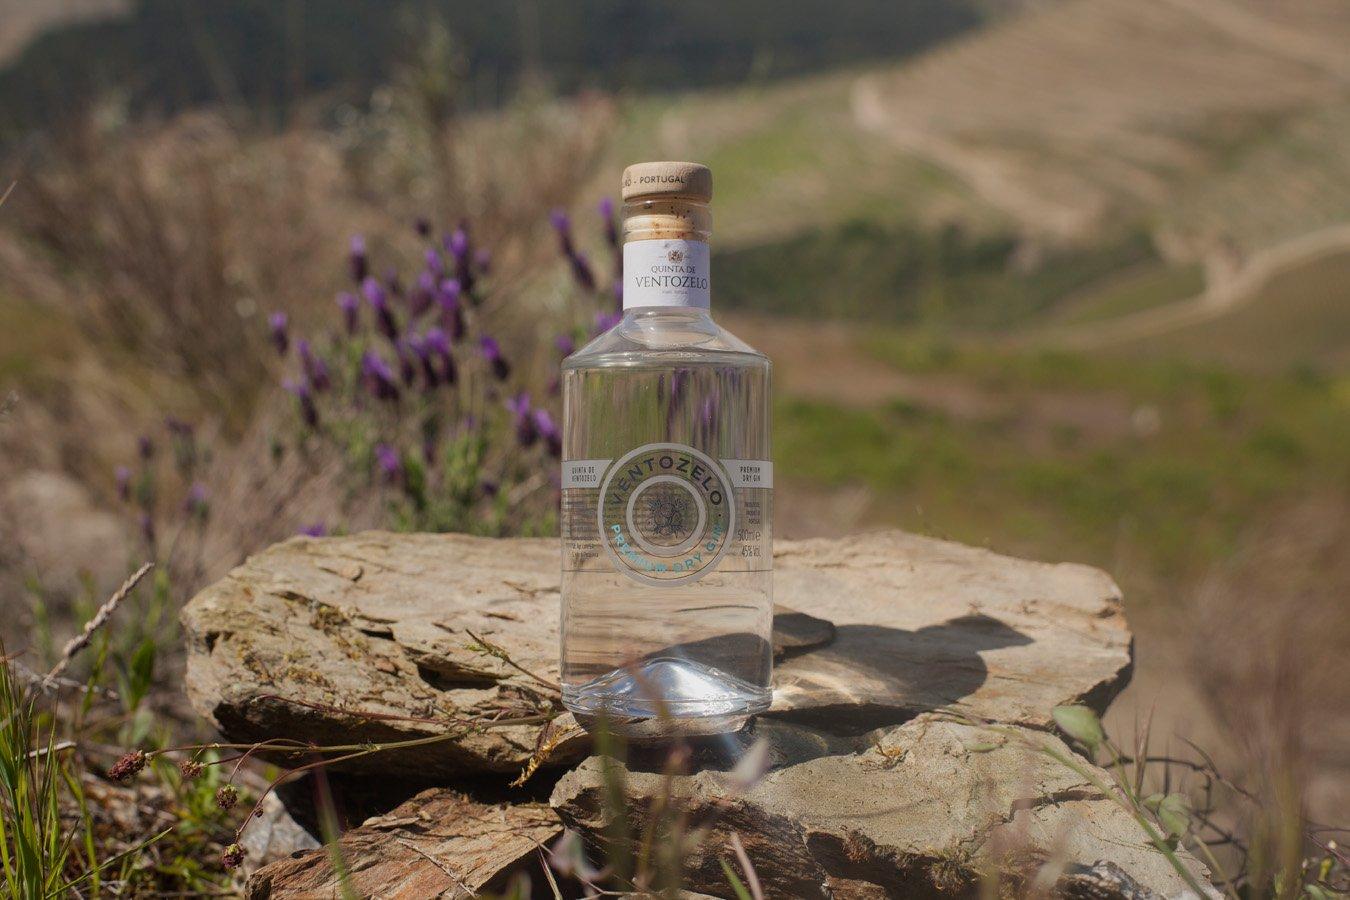 gin-de-ventozelo-na-pedro